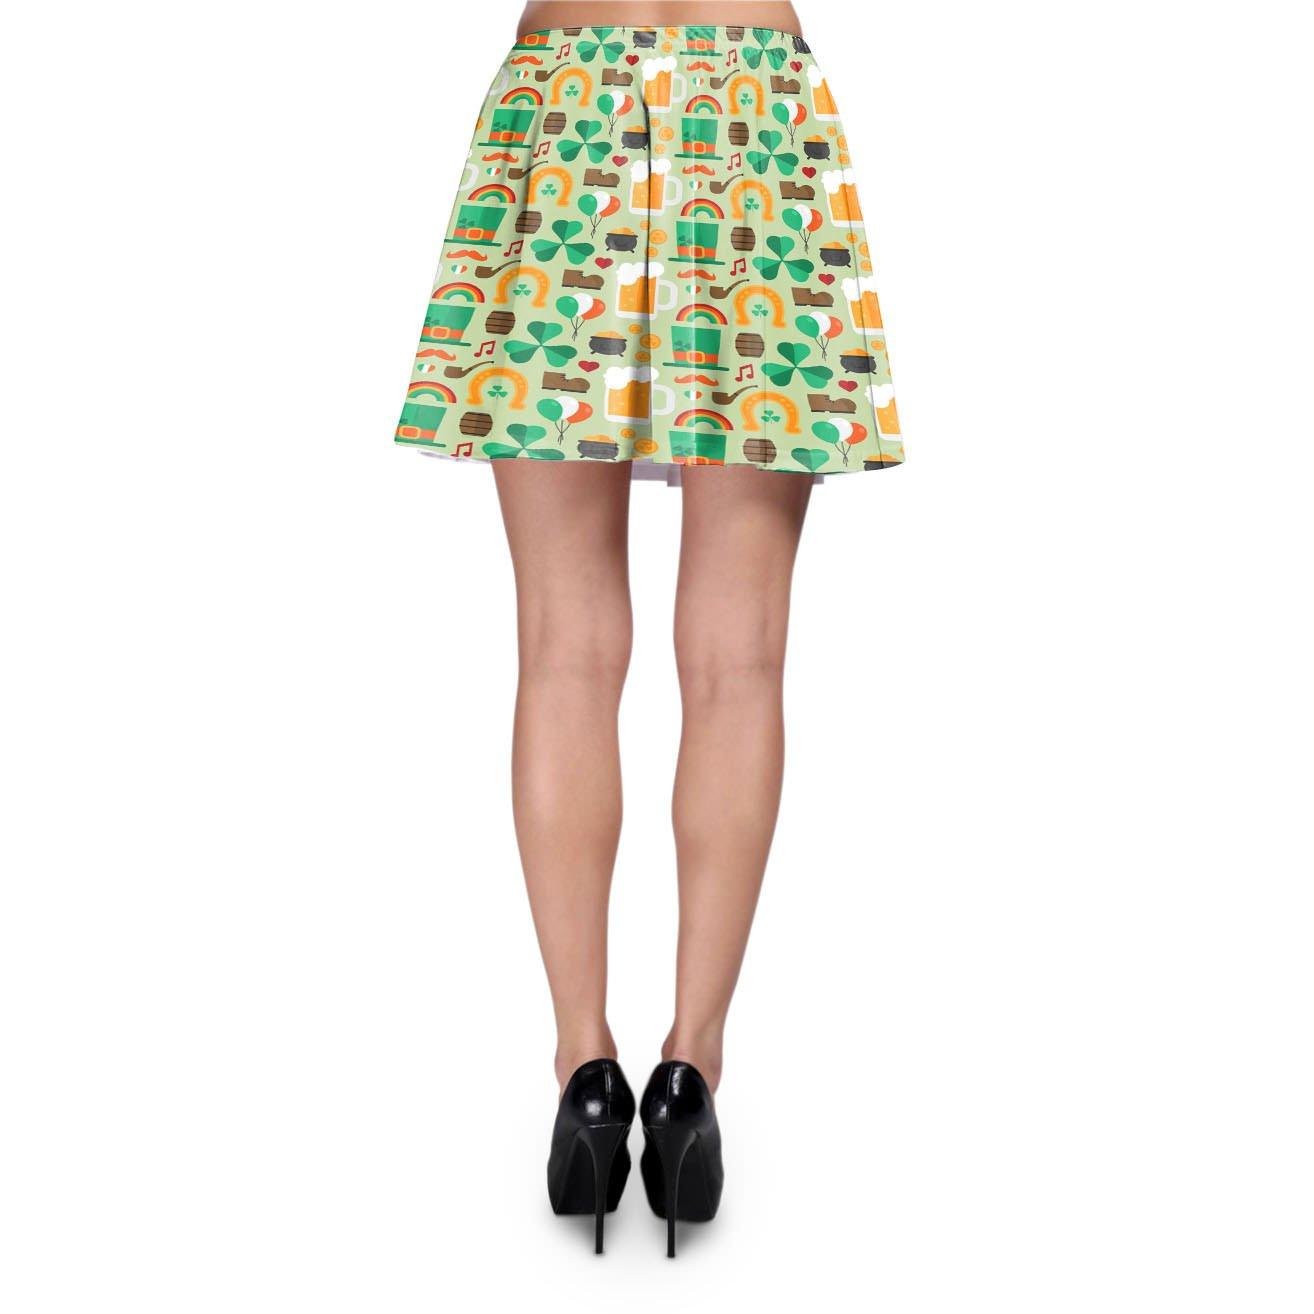 Lucky St Patricks Day Skater Skirt XS-3XL Stretch Flared Short Skirt